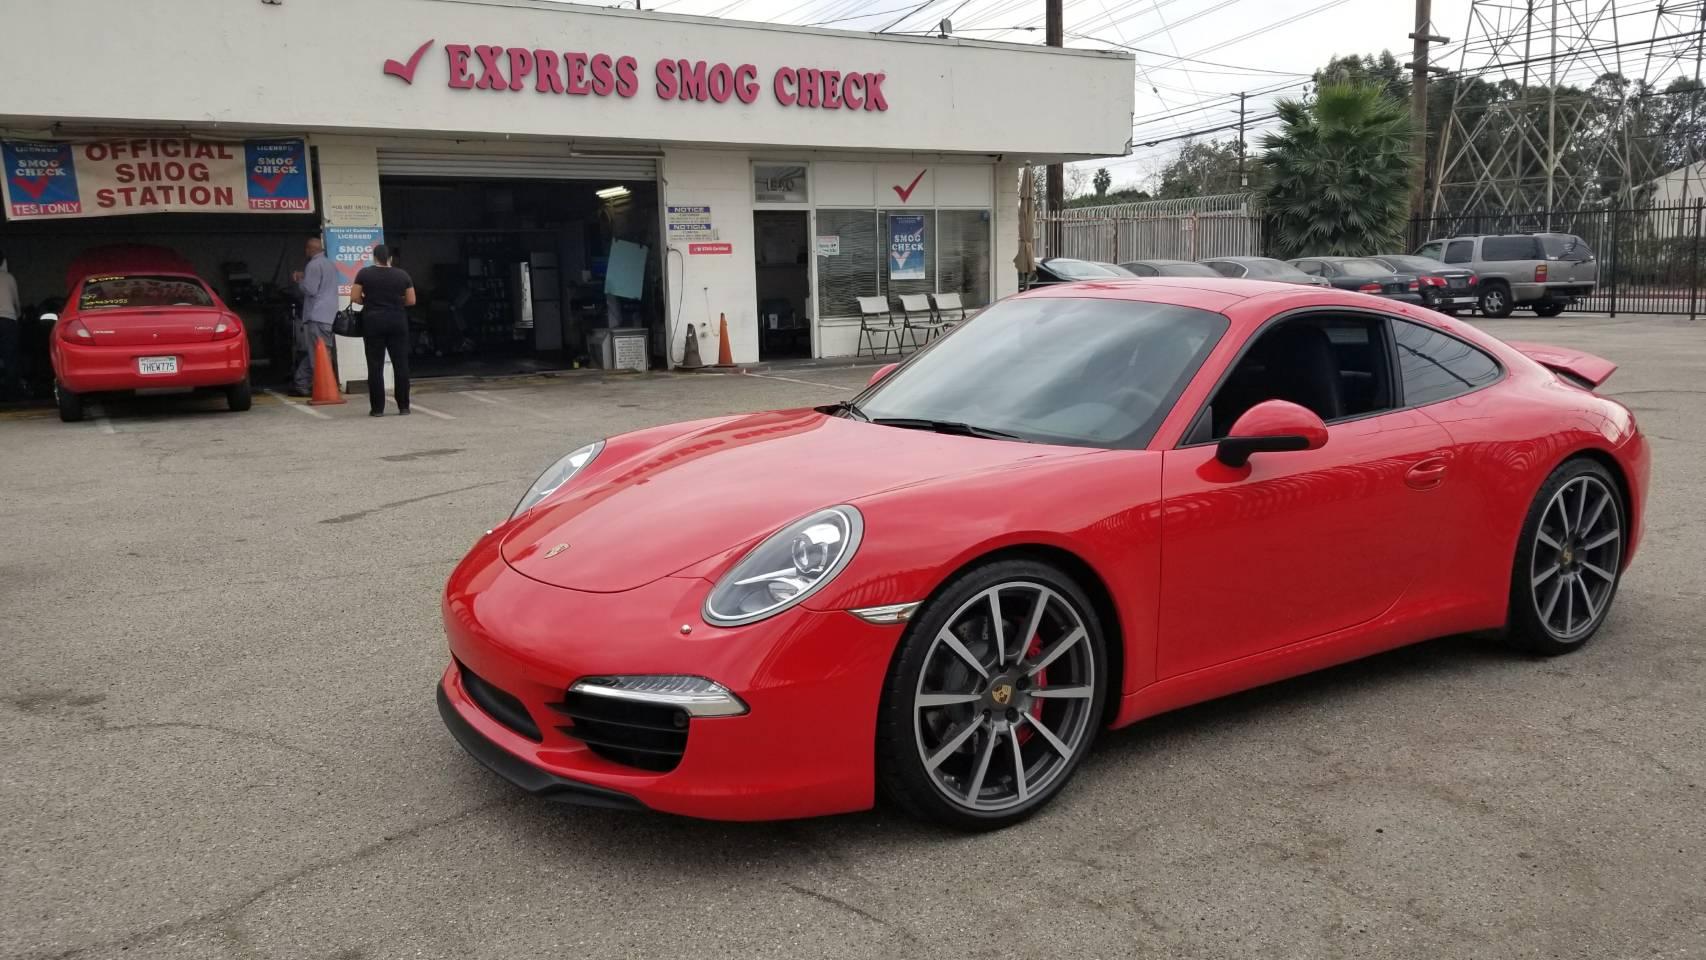 2012 PORSCHE 911 CARRERA S VIN# WP0AB2A94CS121548